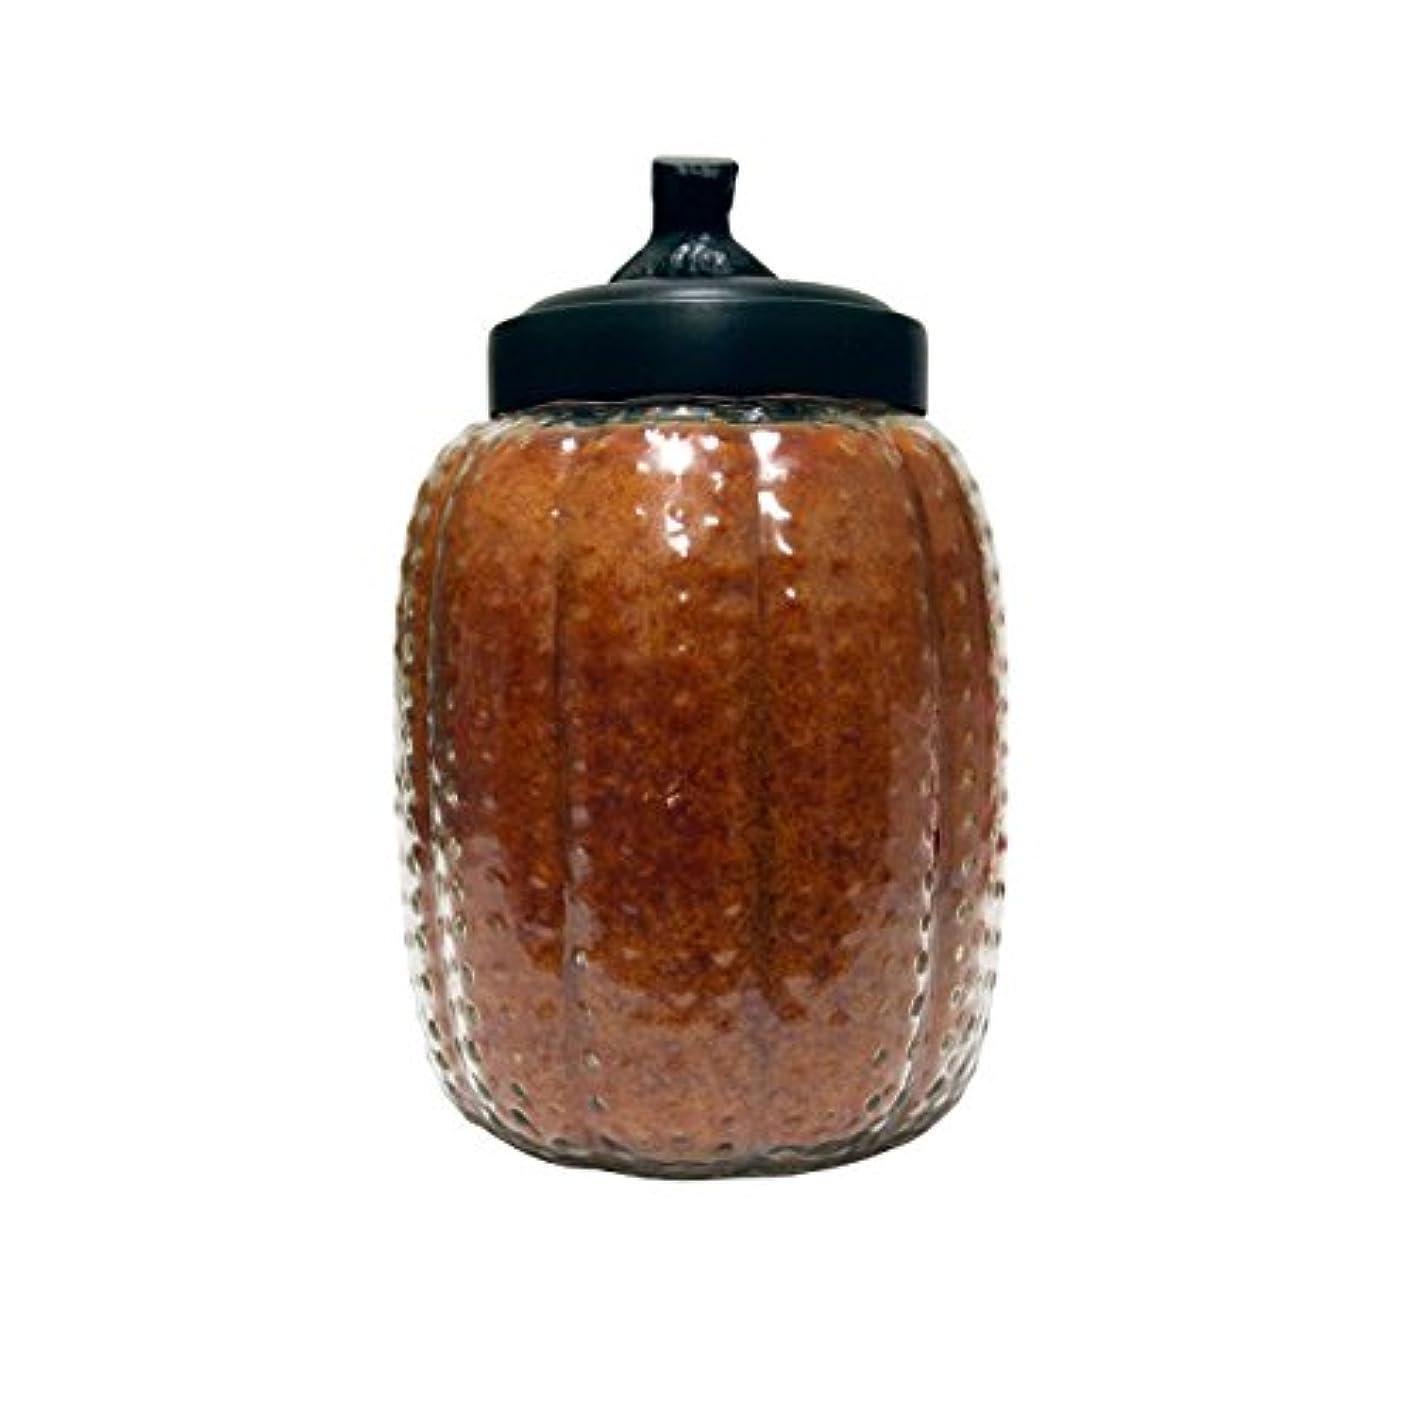 モードリン可動式憧れA Cheerful Giver Autumn Orchards Pumpkin Jar Candle, 26-Ounce by Cheerful Giver [並行輸入品]